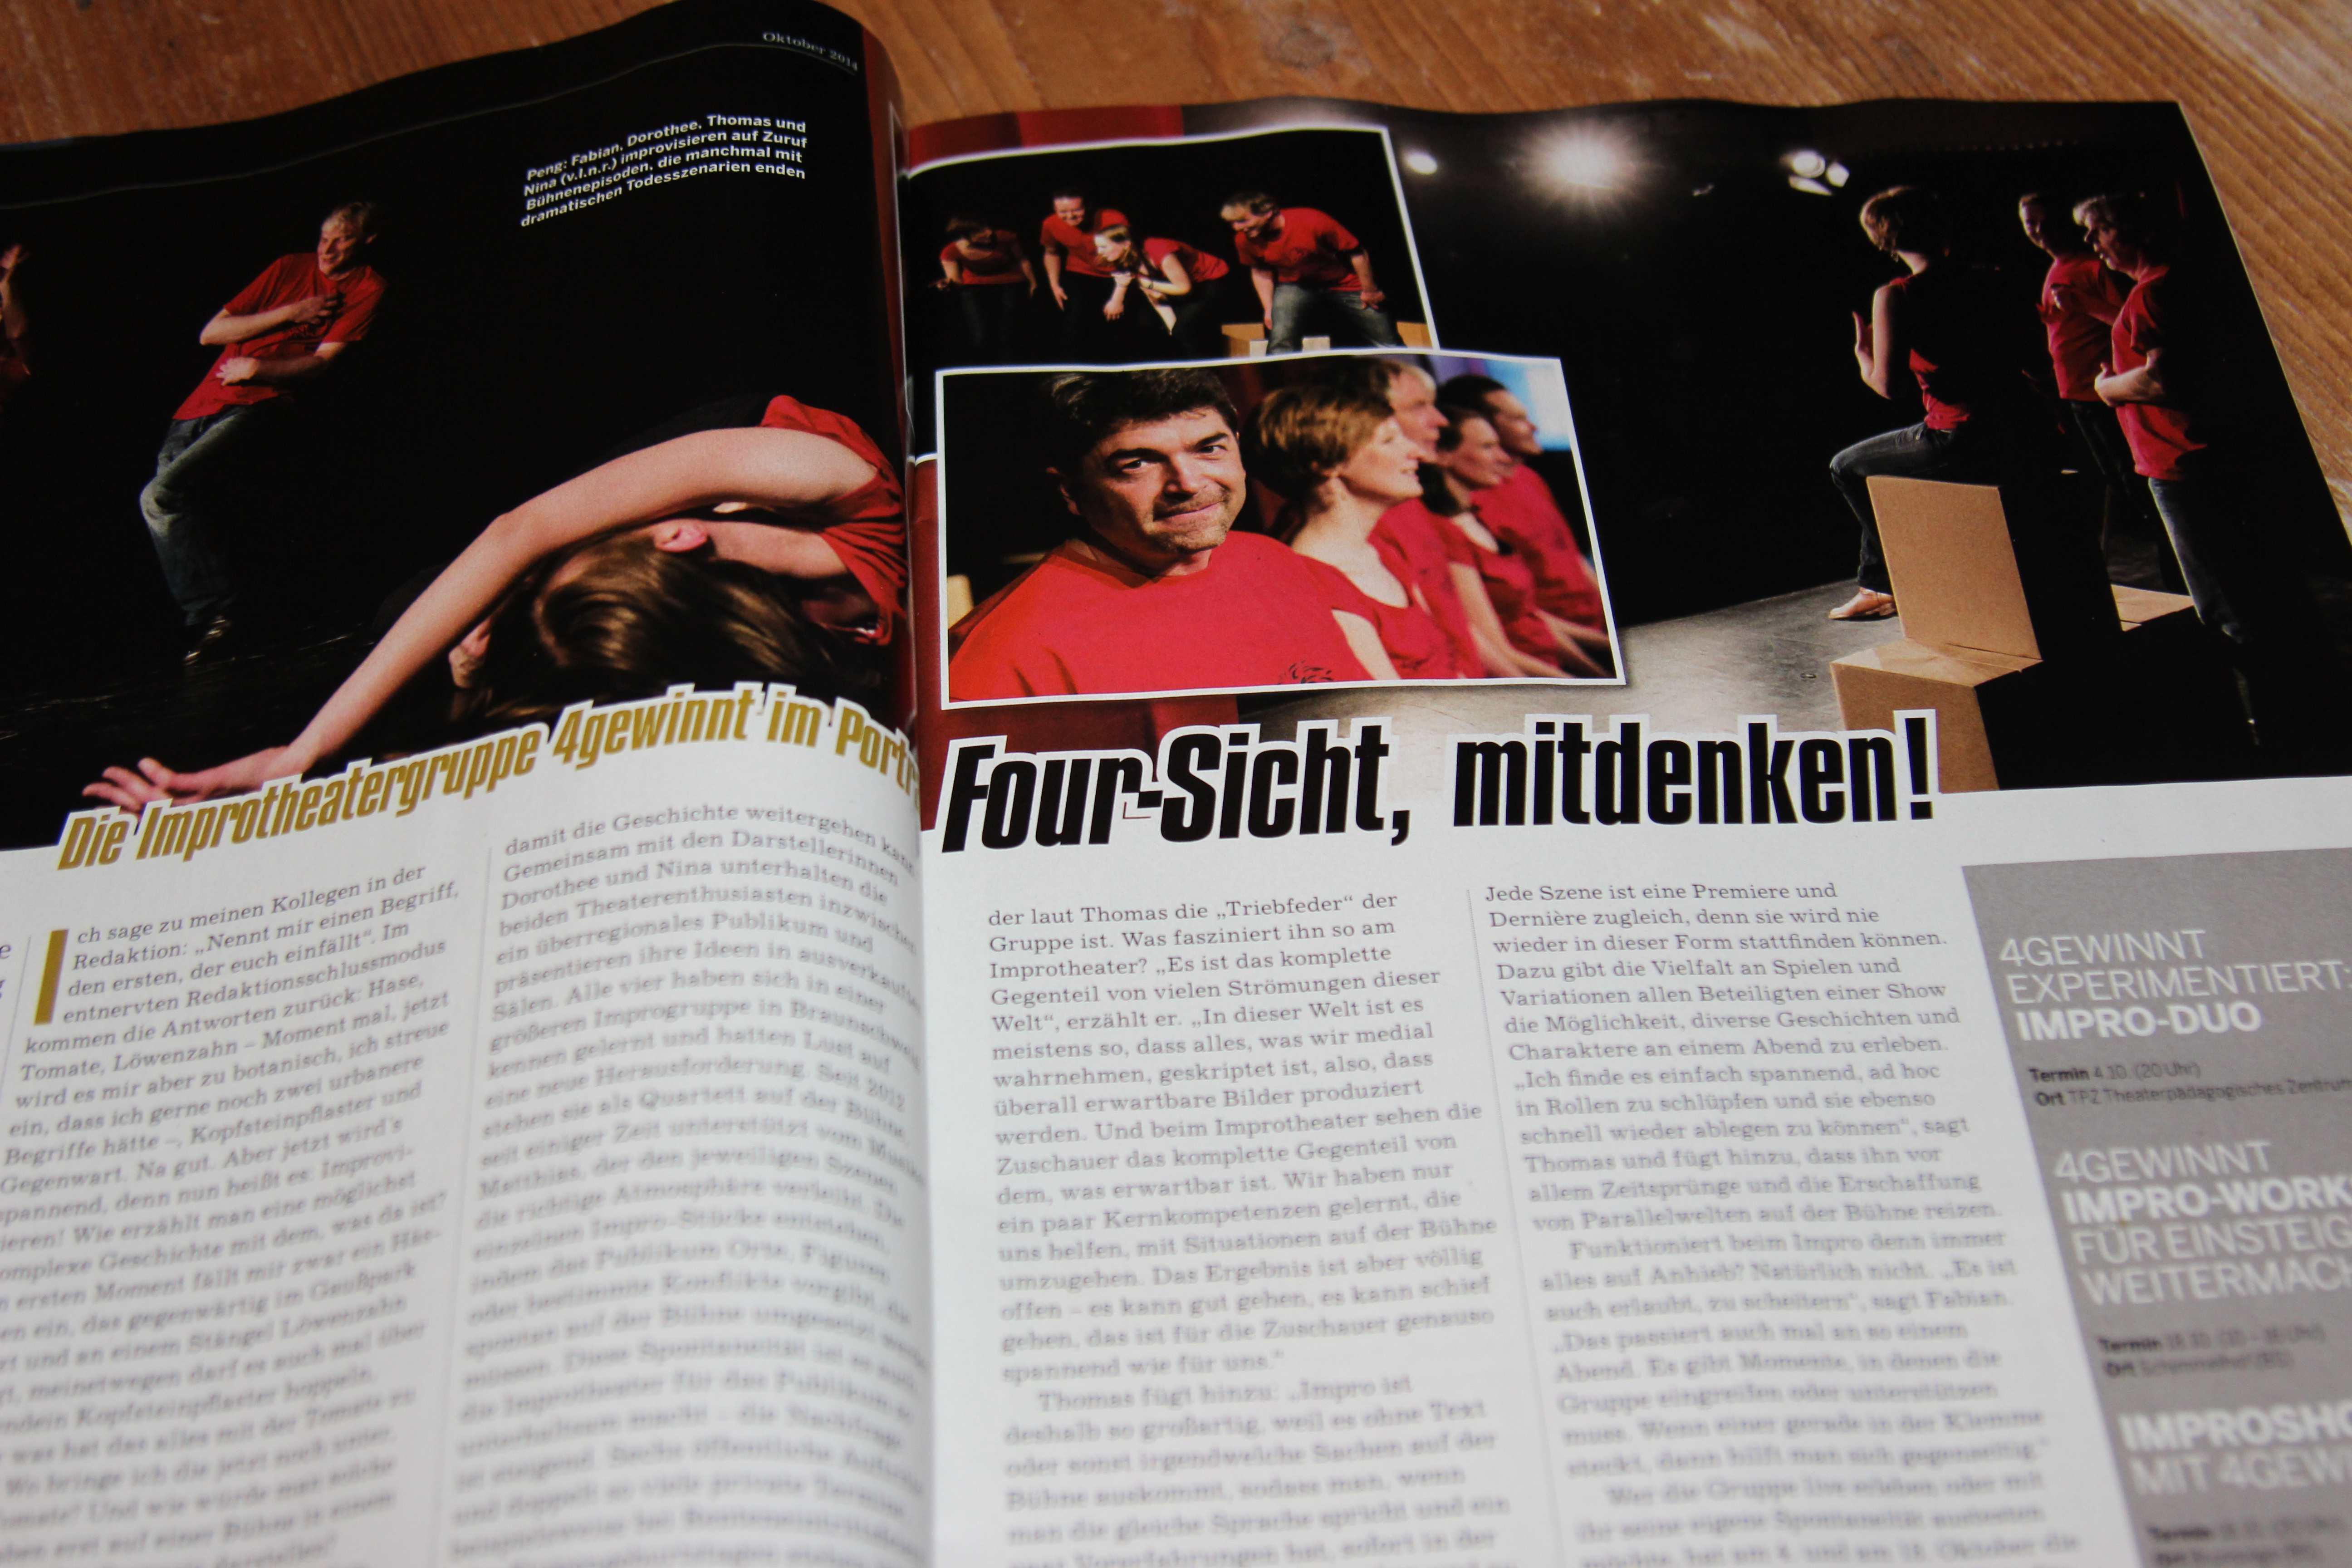 """""""Four-Sicht, mitdenken!"""" Magazin Subway portraitiert 4gewinnt"""